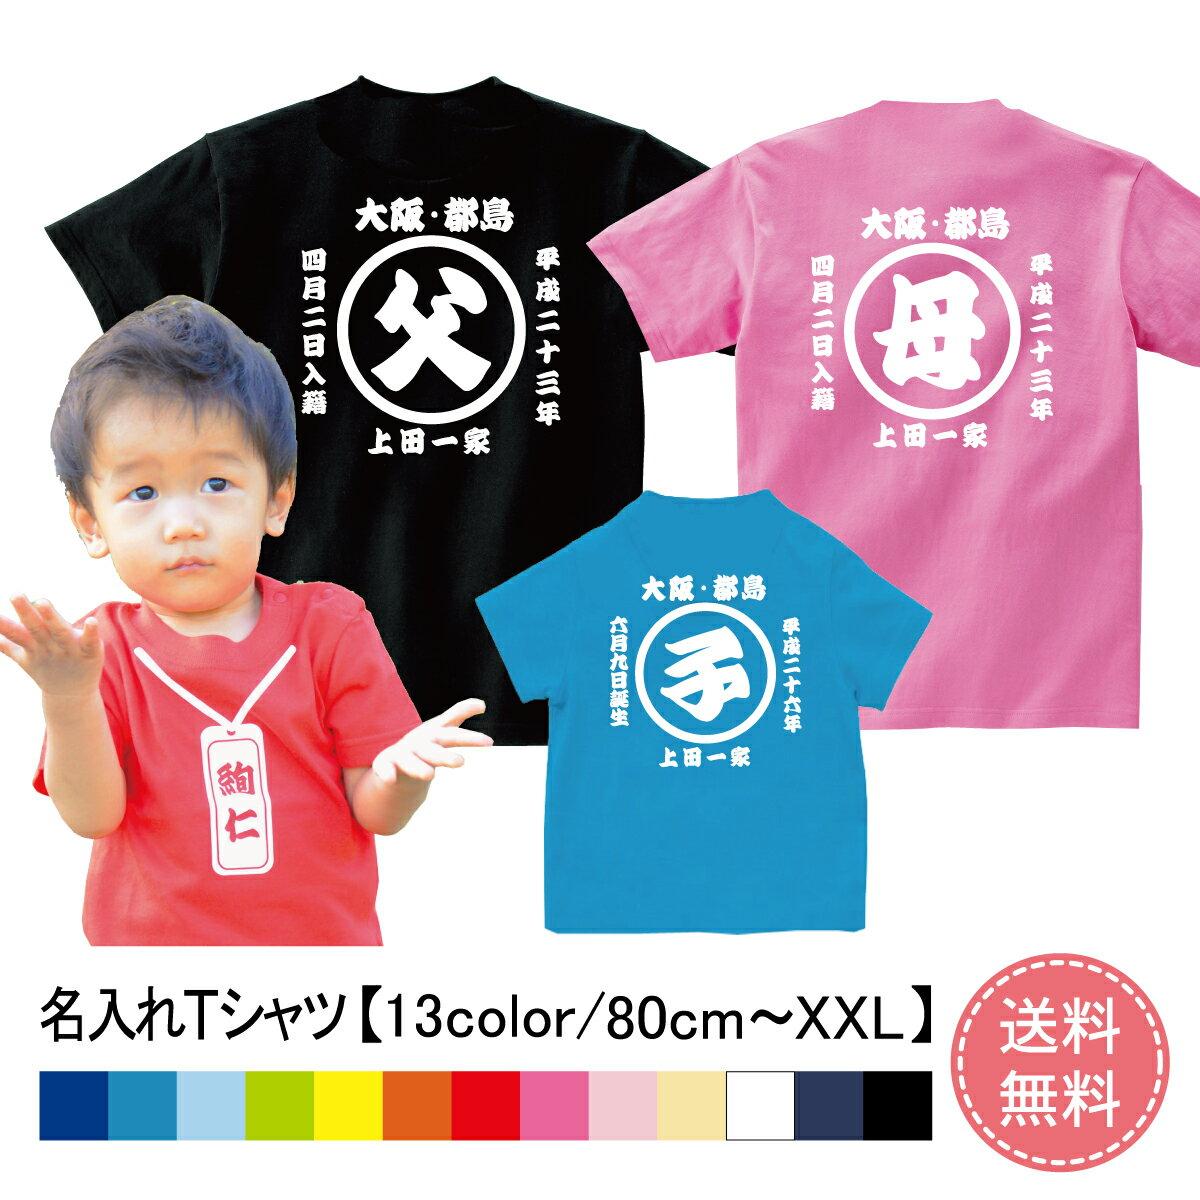 名入れ プレゼント Tシャツ 子供 大人 送料無料 お祭り柄 半袖 男の子 女の子 親子ペア 名前入り ギフト